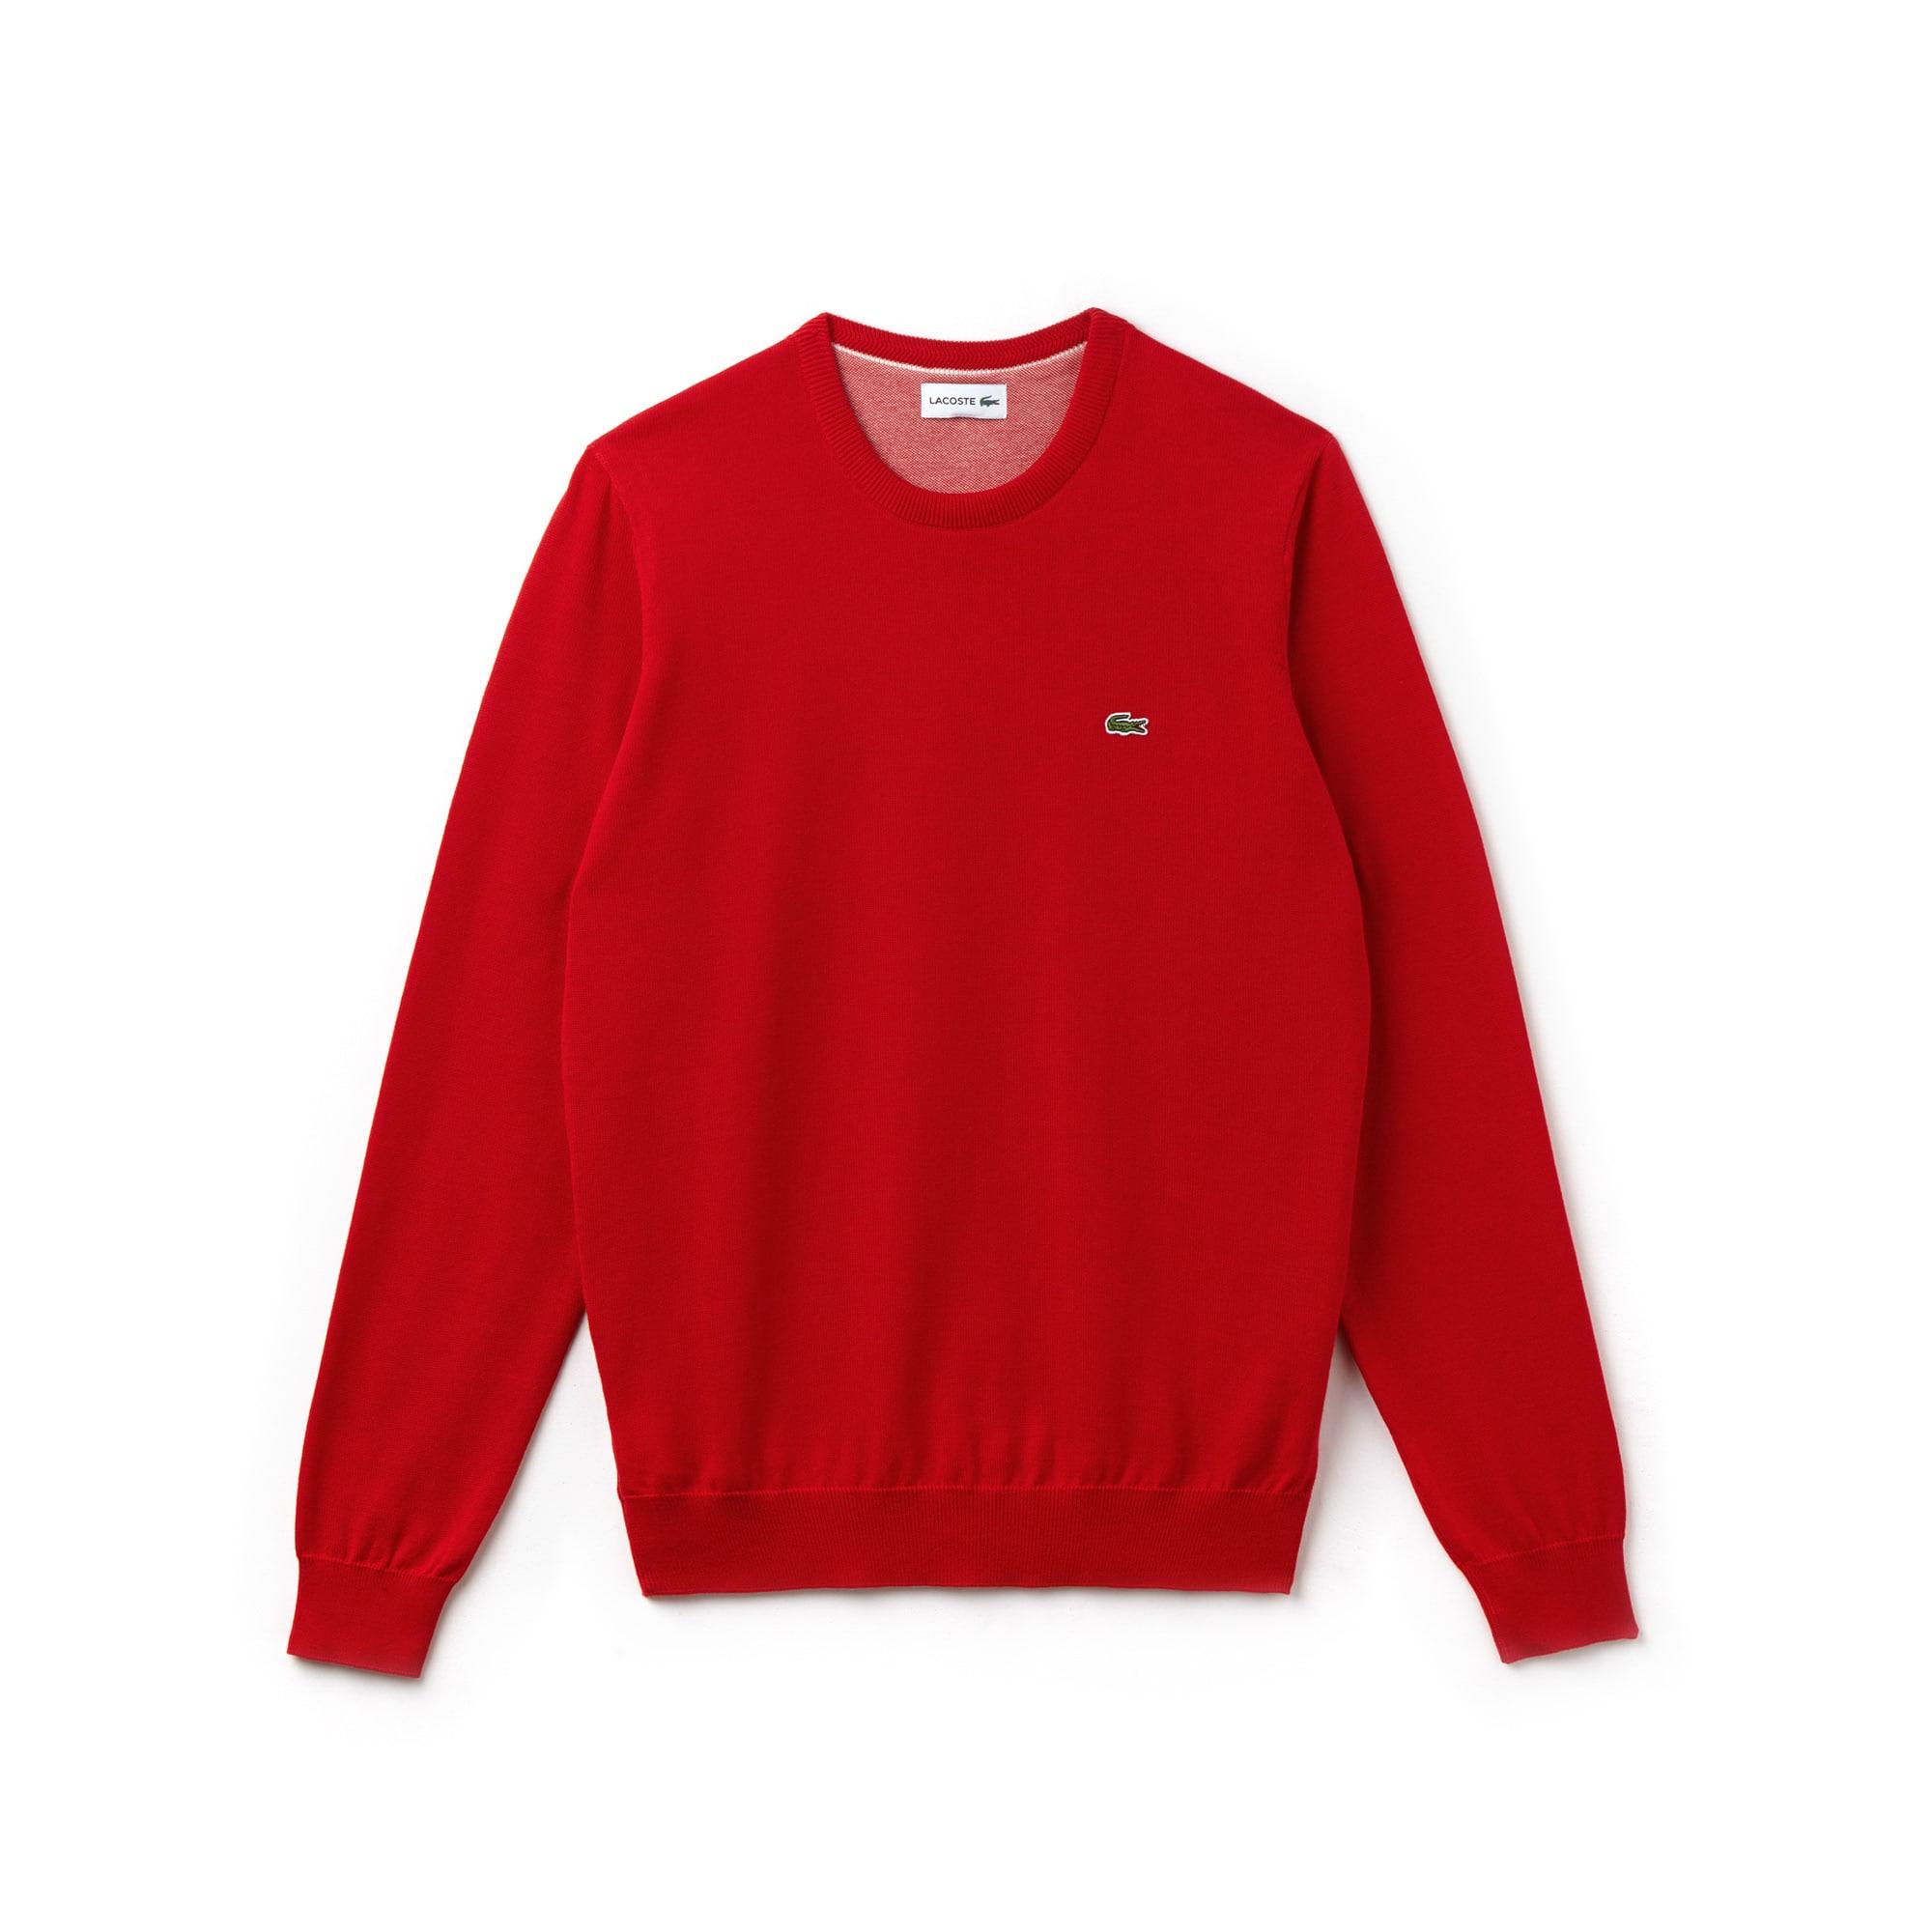 Pullover a girocollo in jersey di cotone tinta unita con dettaglio in piqué caviale